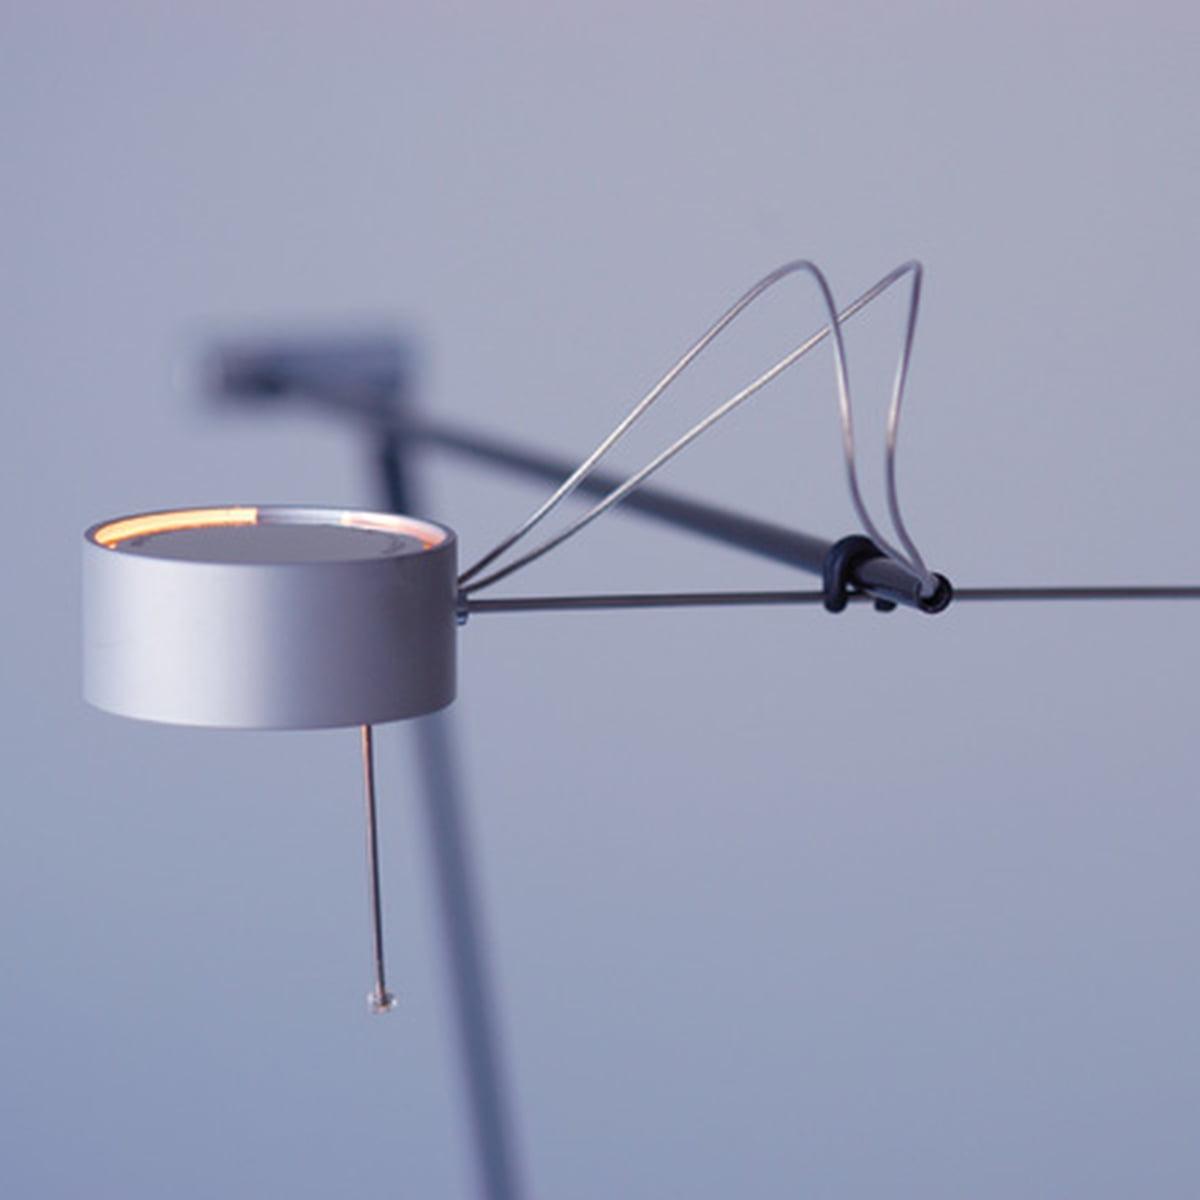 absolut lighting bordlampe. Black Bedroom Furniture Sets. Home Design Ideas